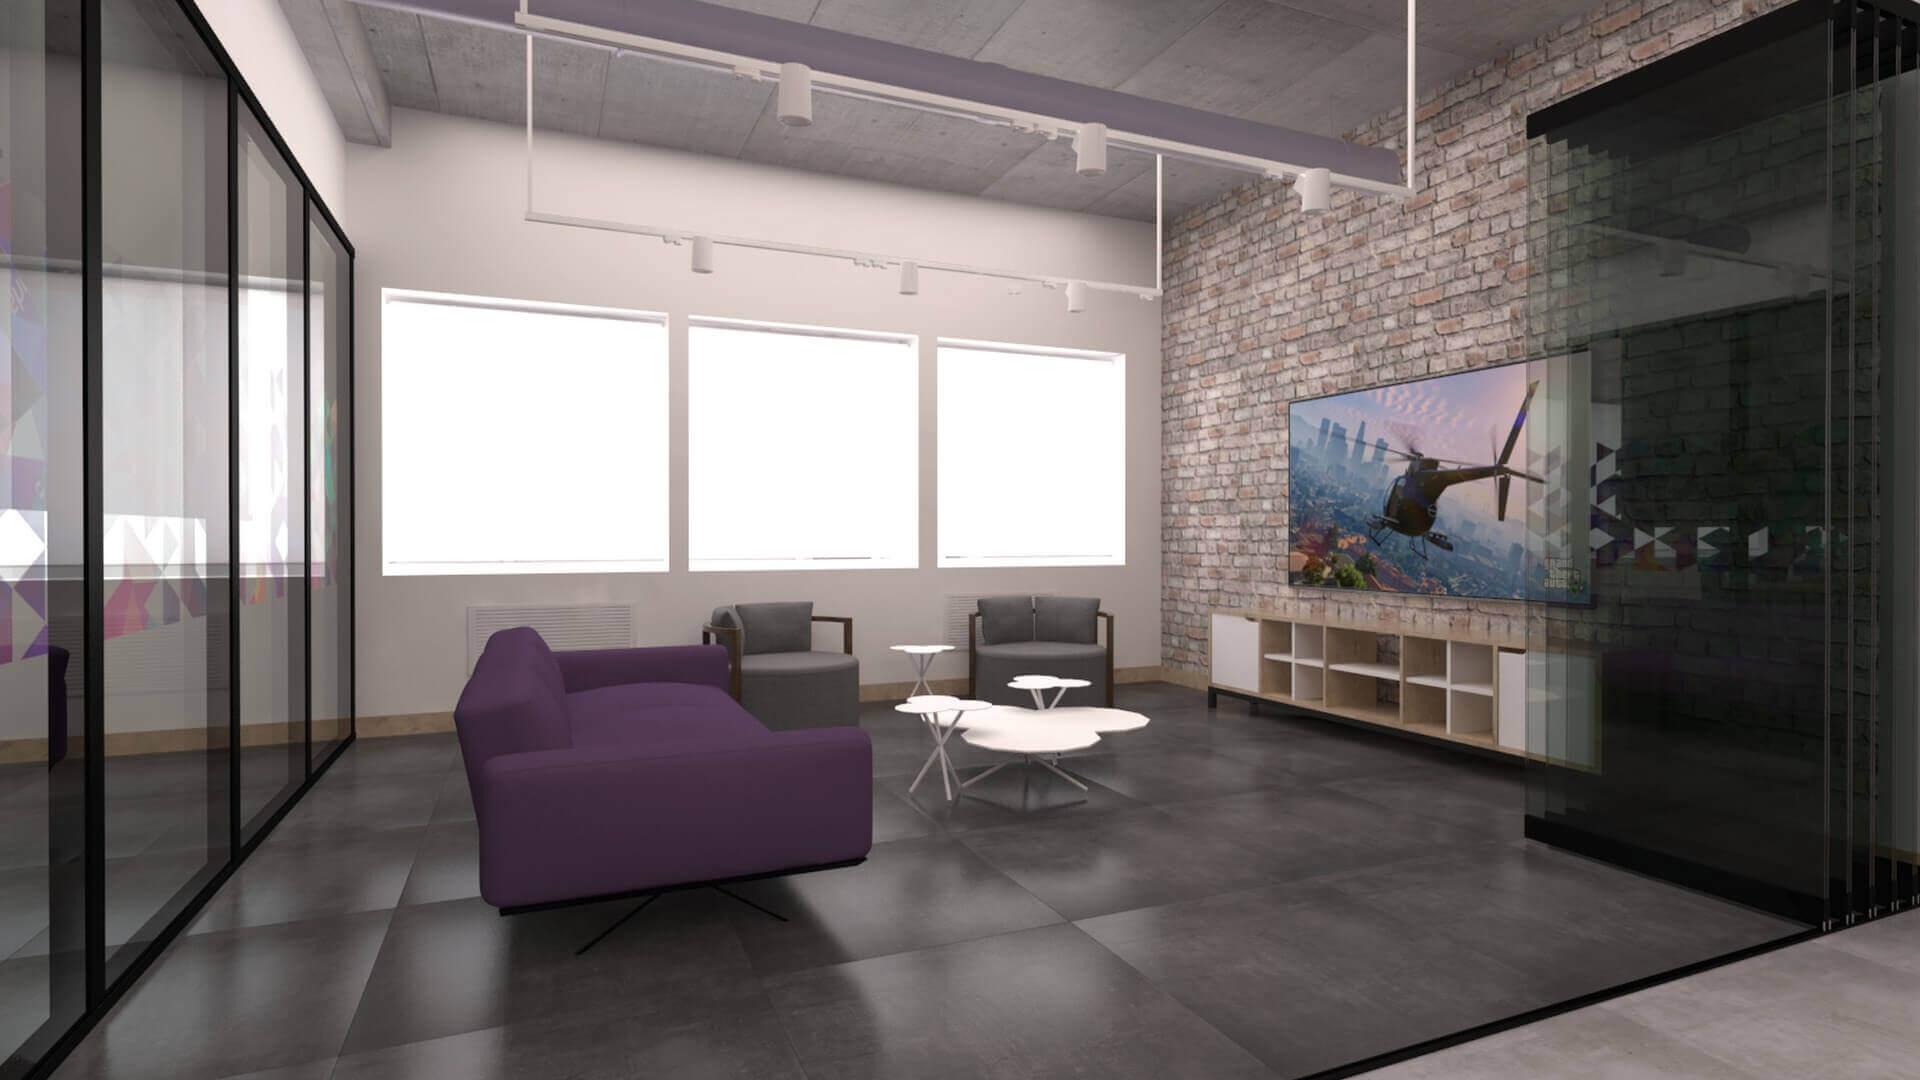 ofis mimari 2348 Connected2.me C2M Bilişim Ofisler